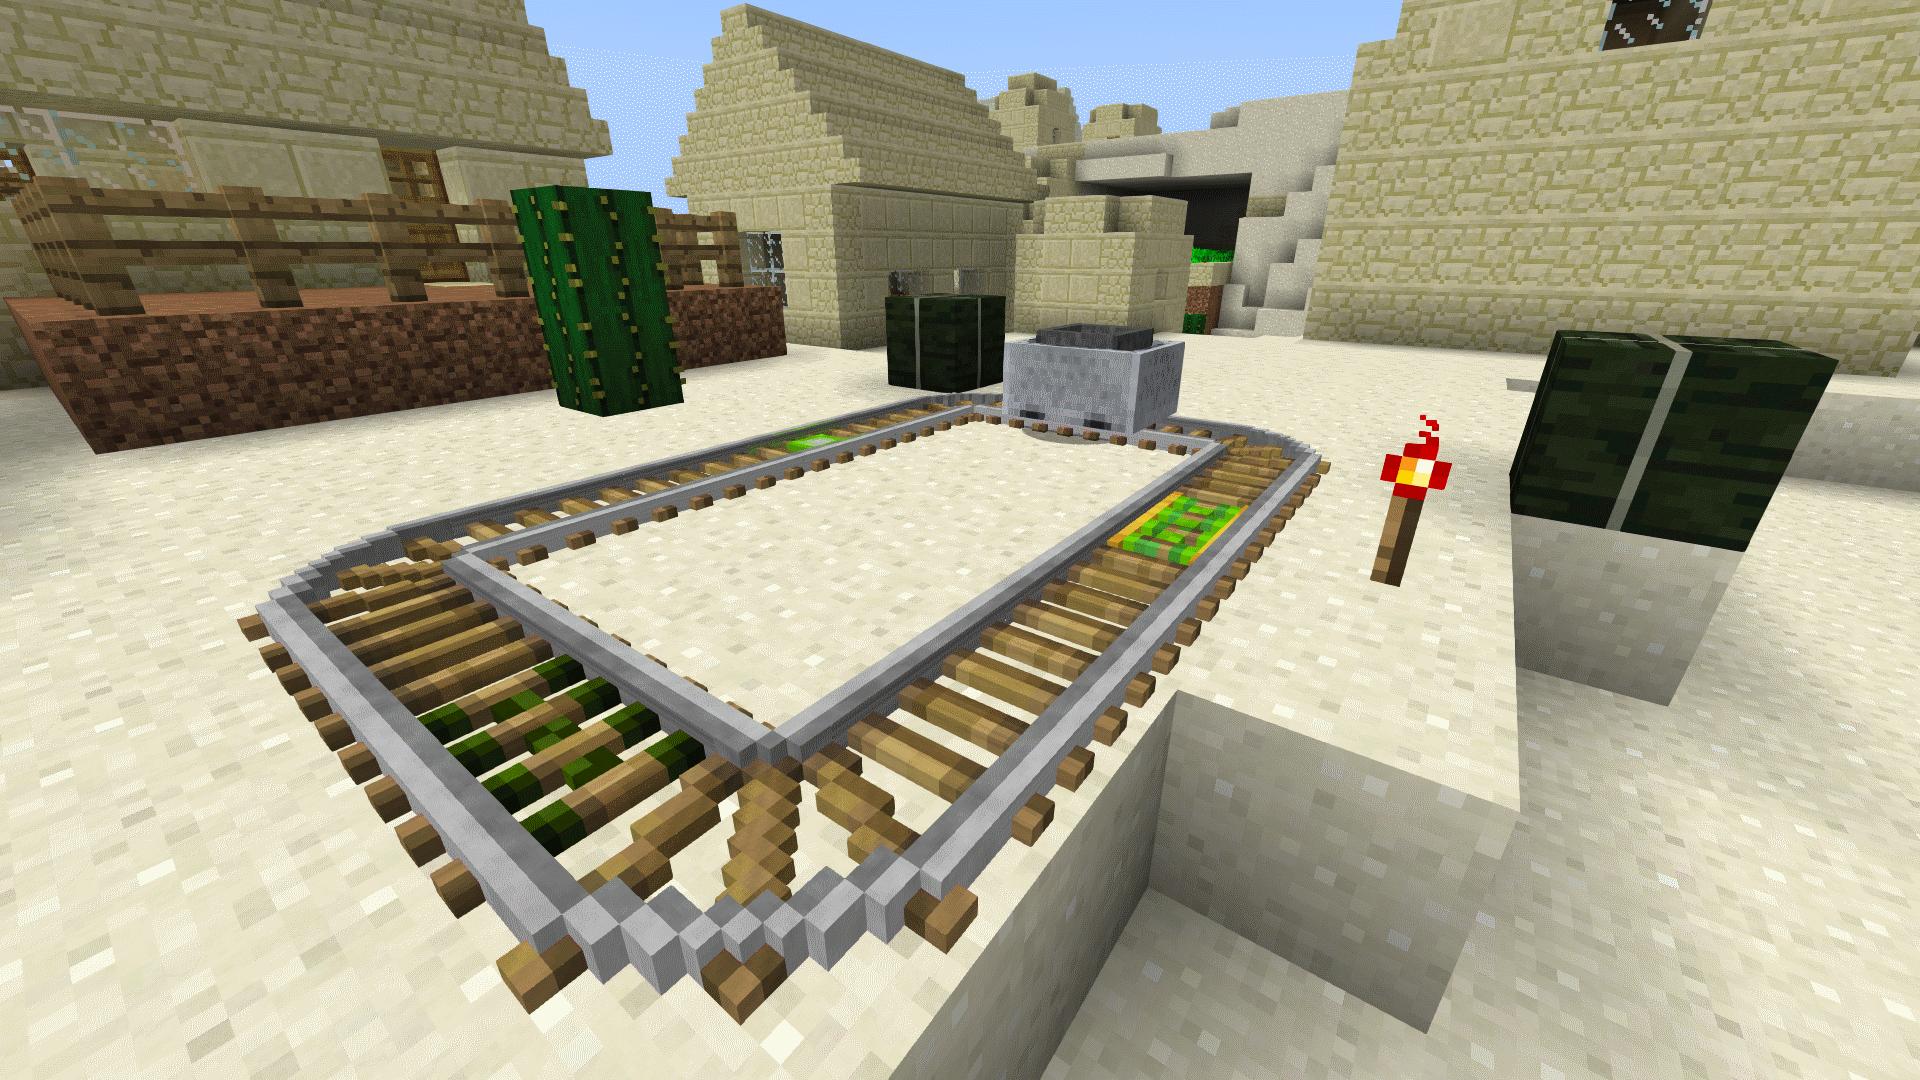 Minecraft Screenshot 2018.03.17 - 11.27.28.99.png